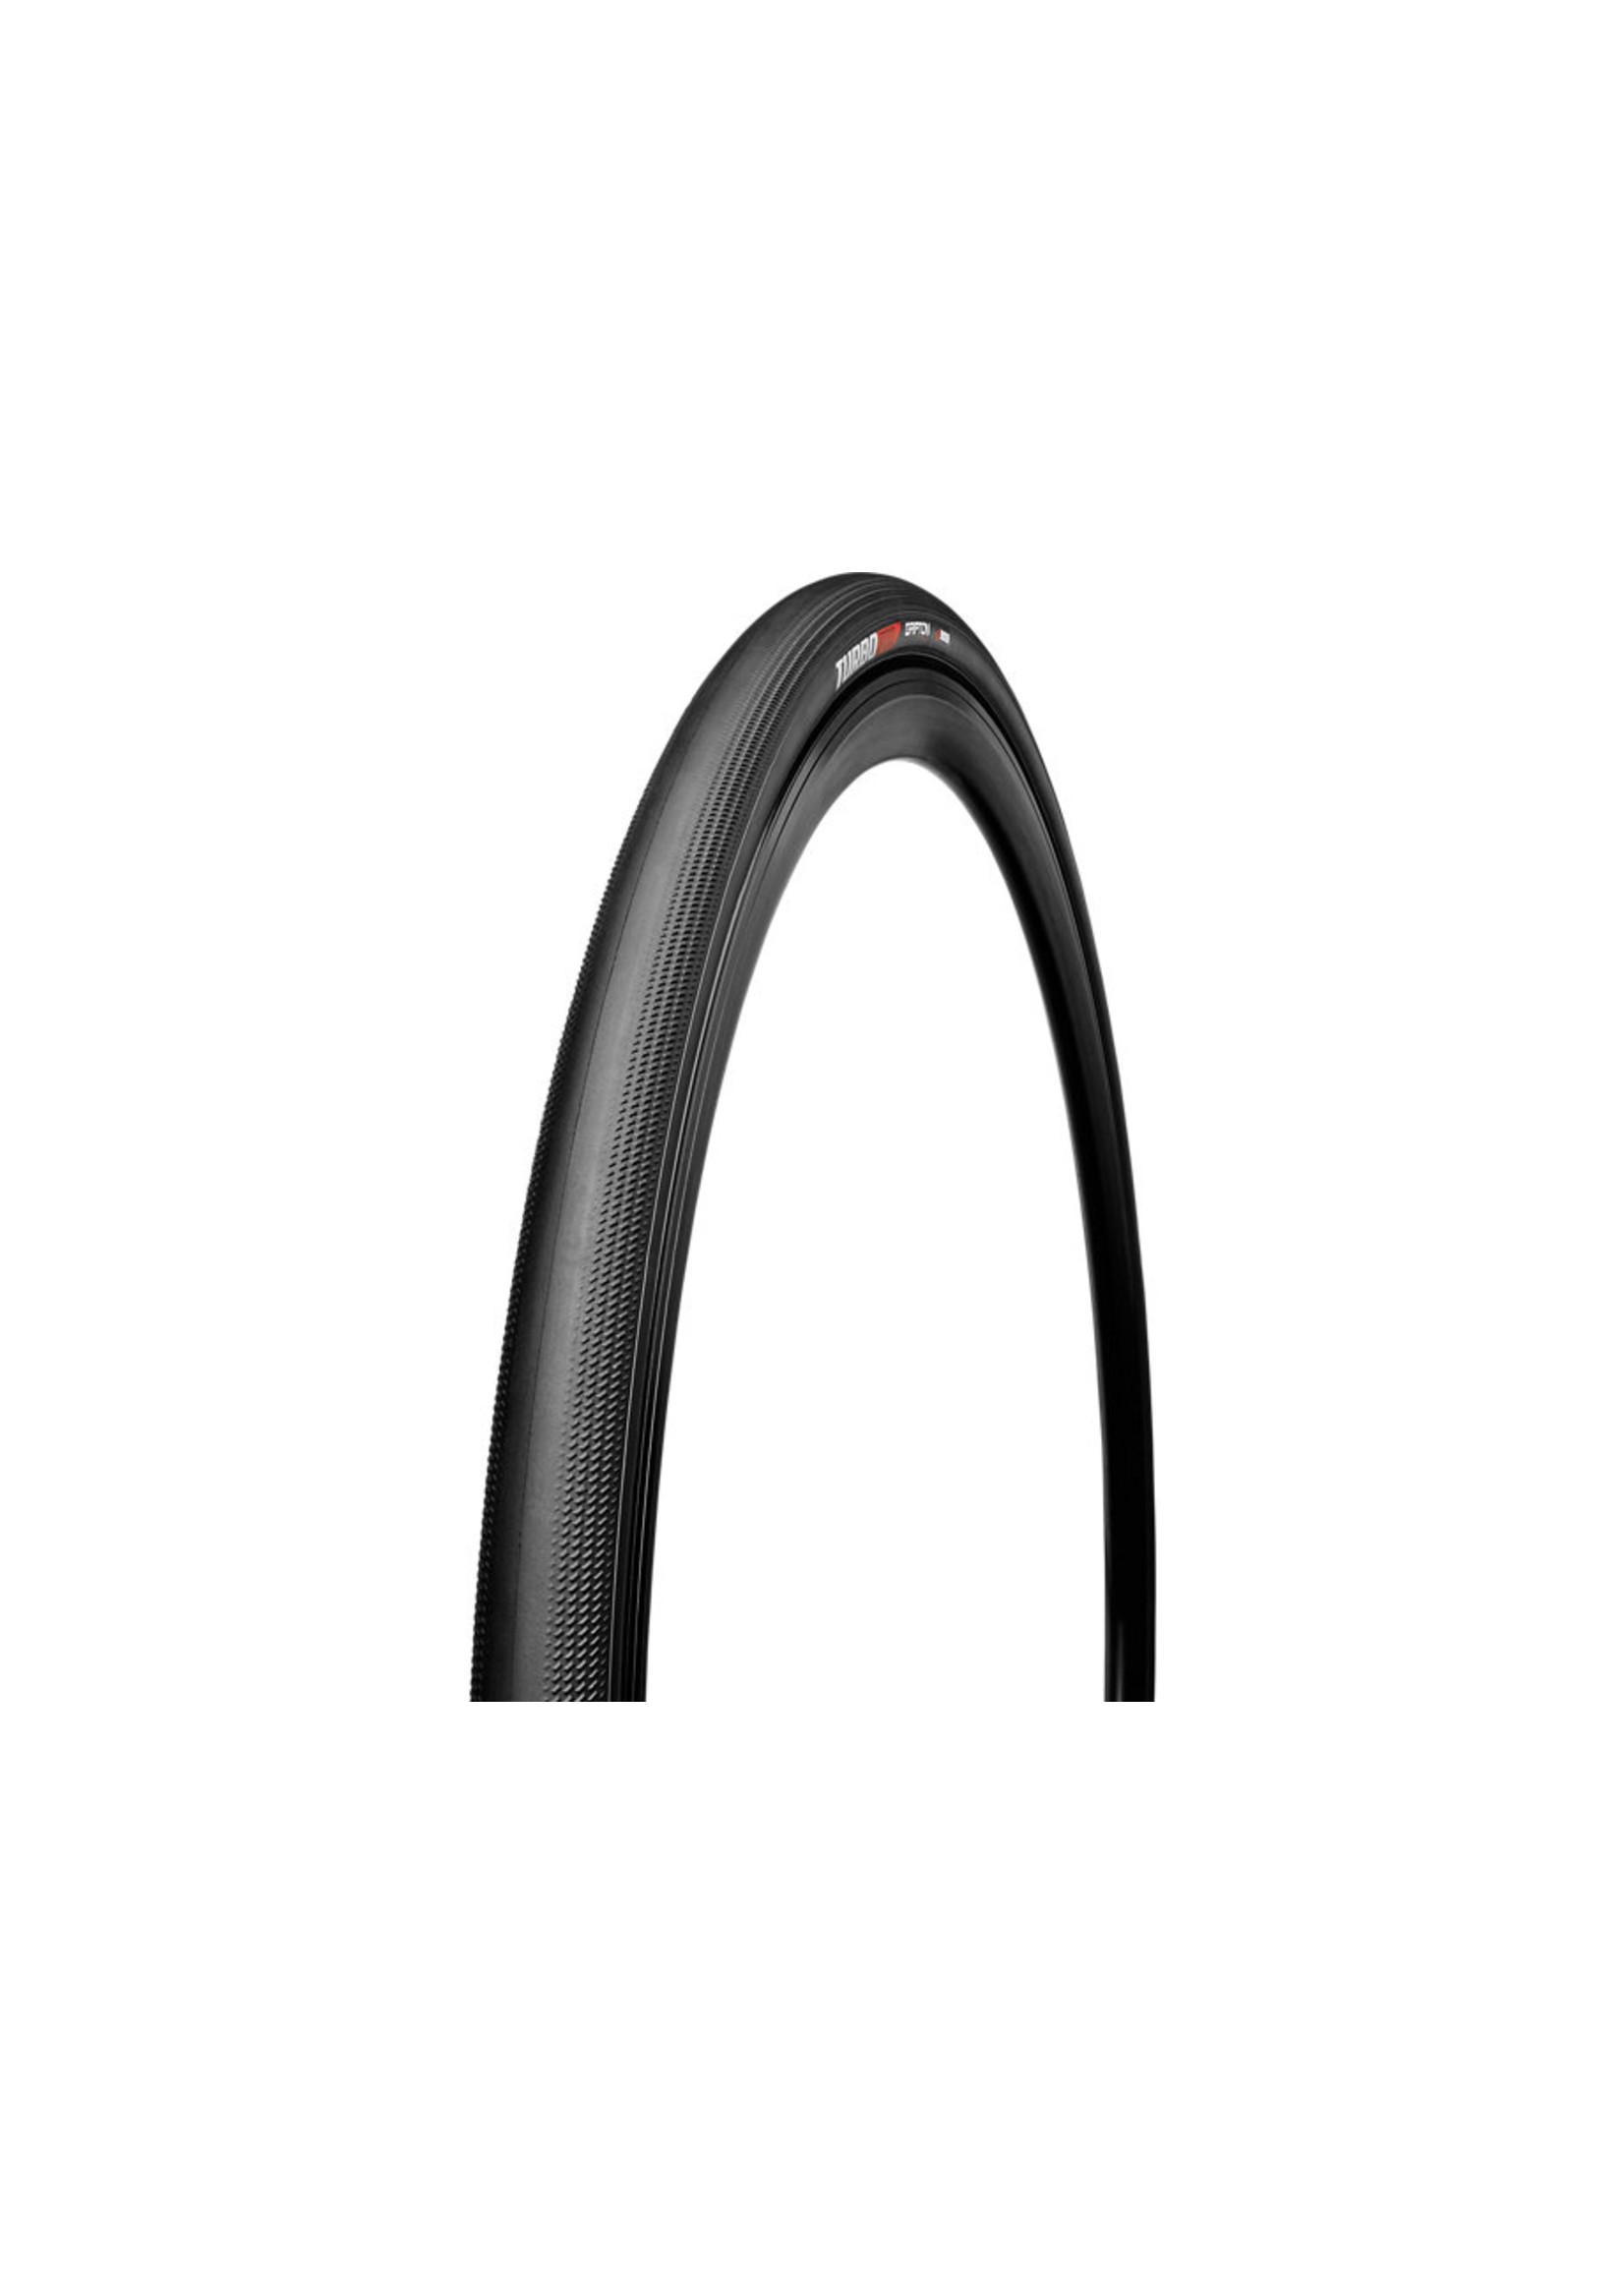 Specialized Specialized Turbo Pro Folding tire